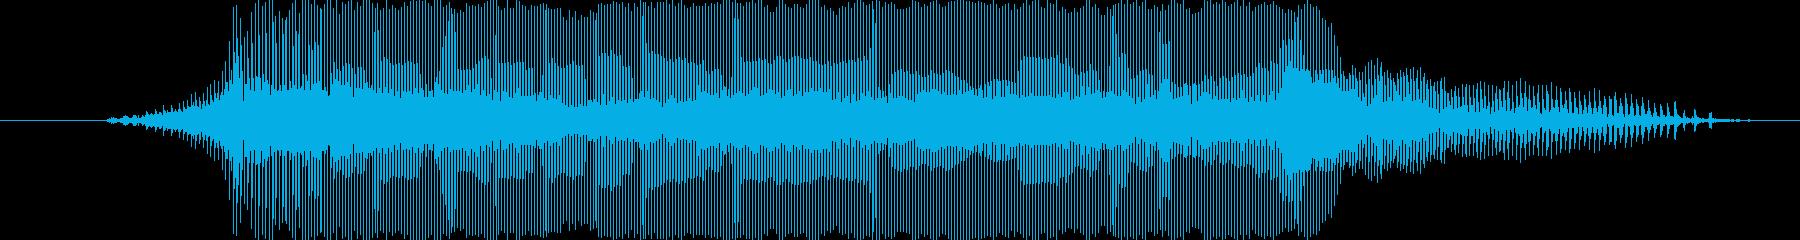 わーい!の再生済みの波形